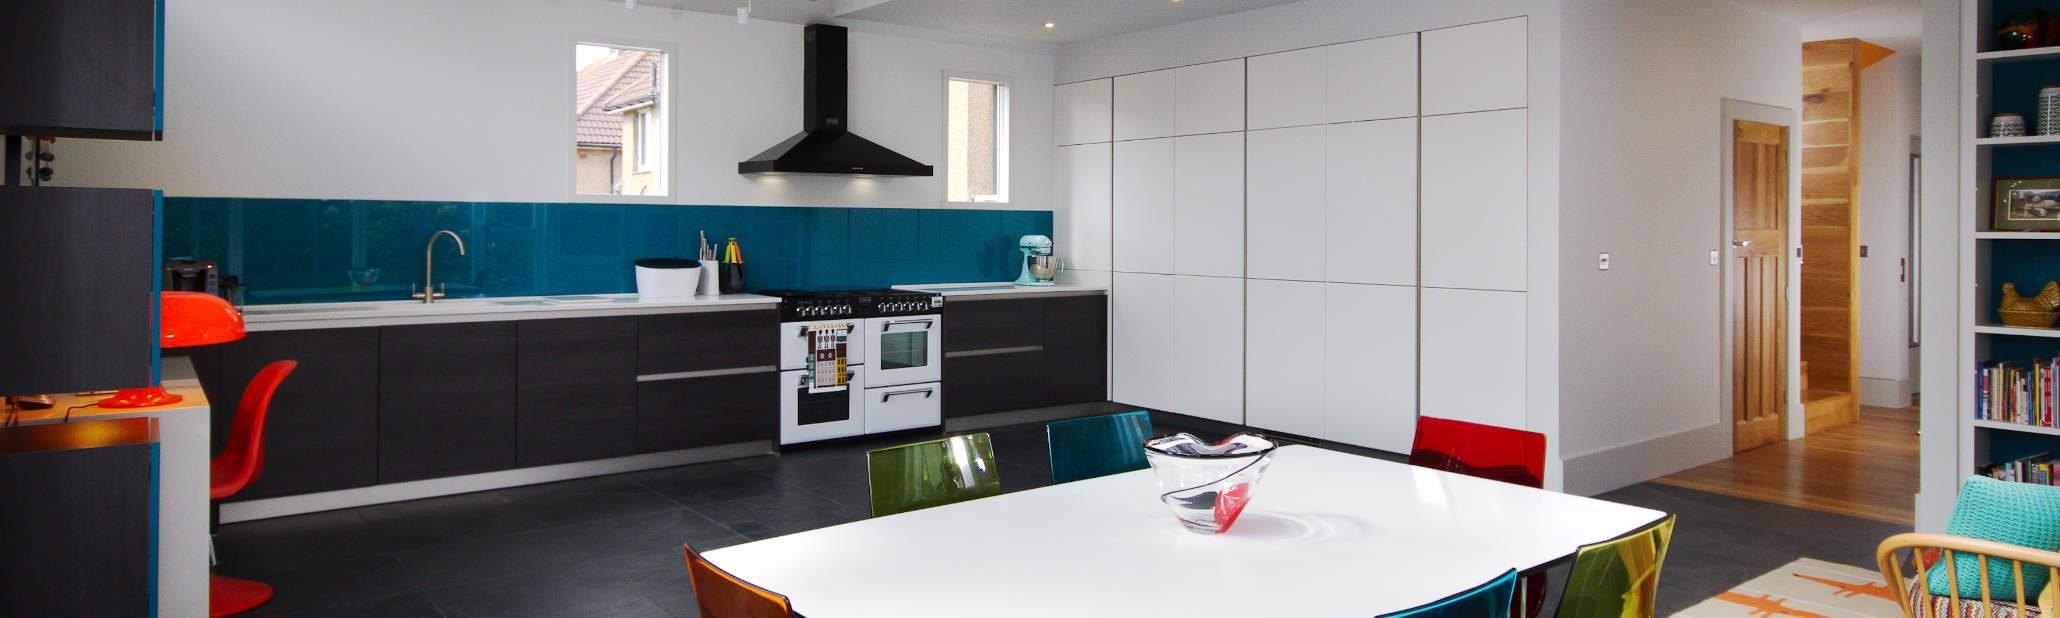 Modern Schuller Kitchen